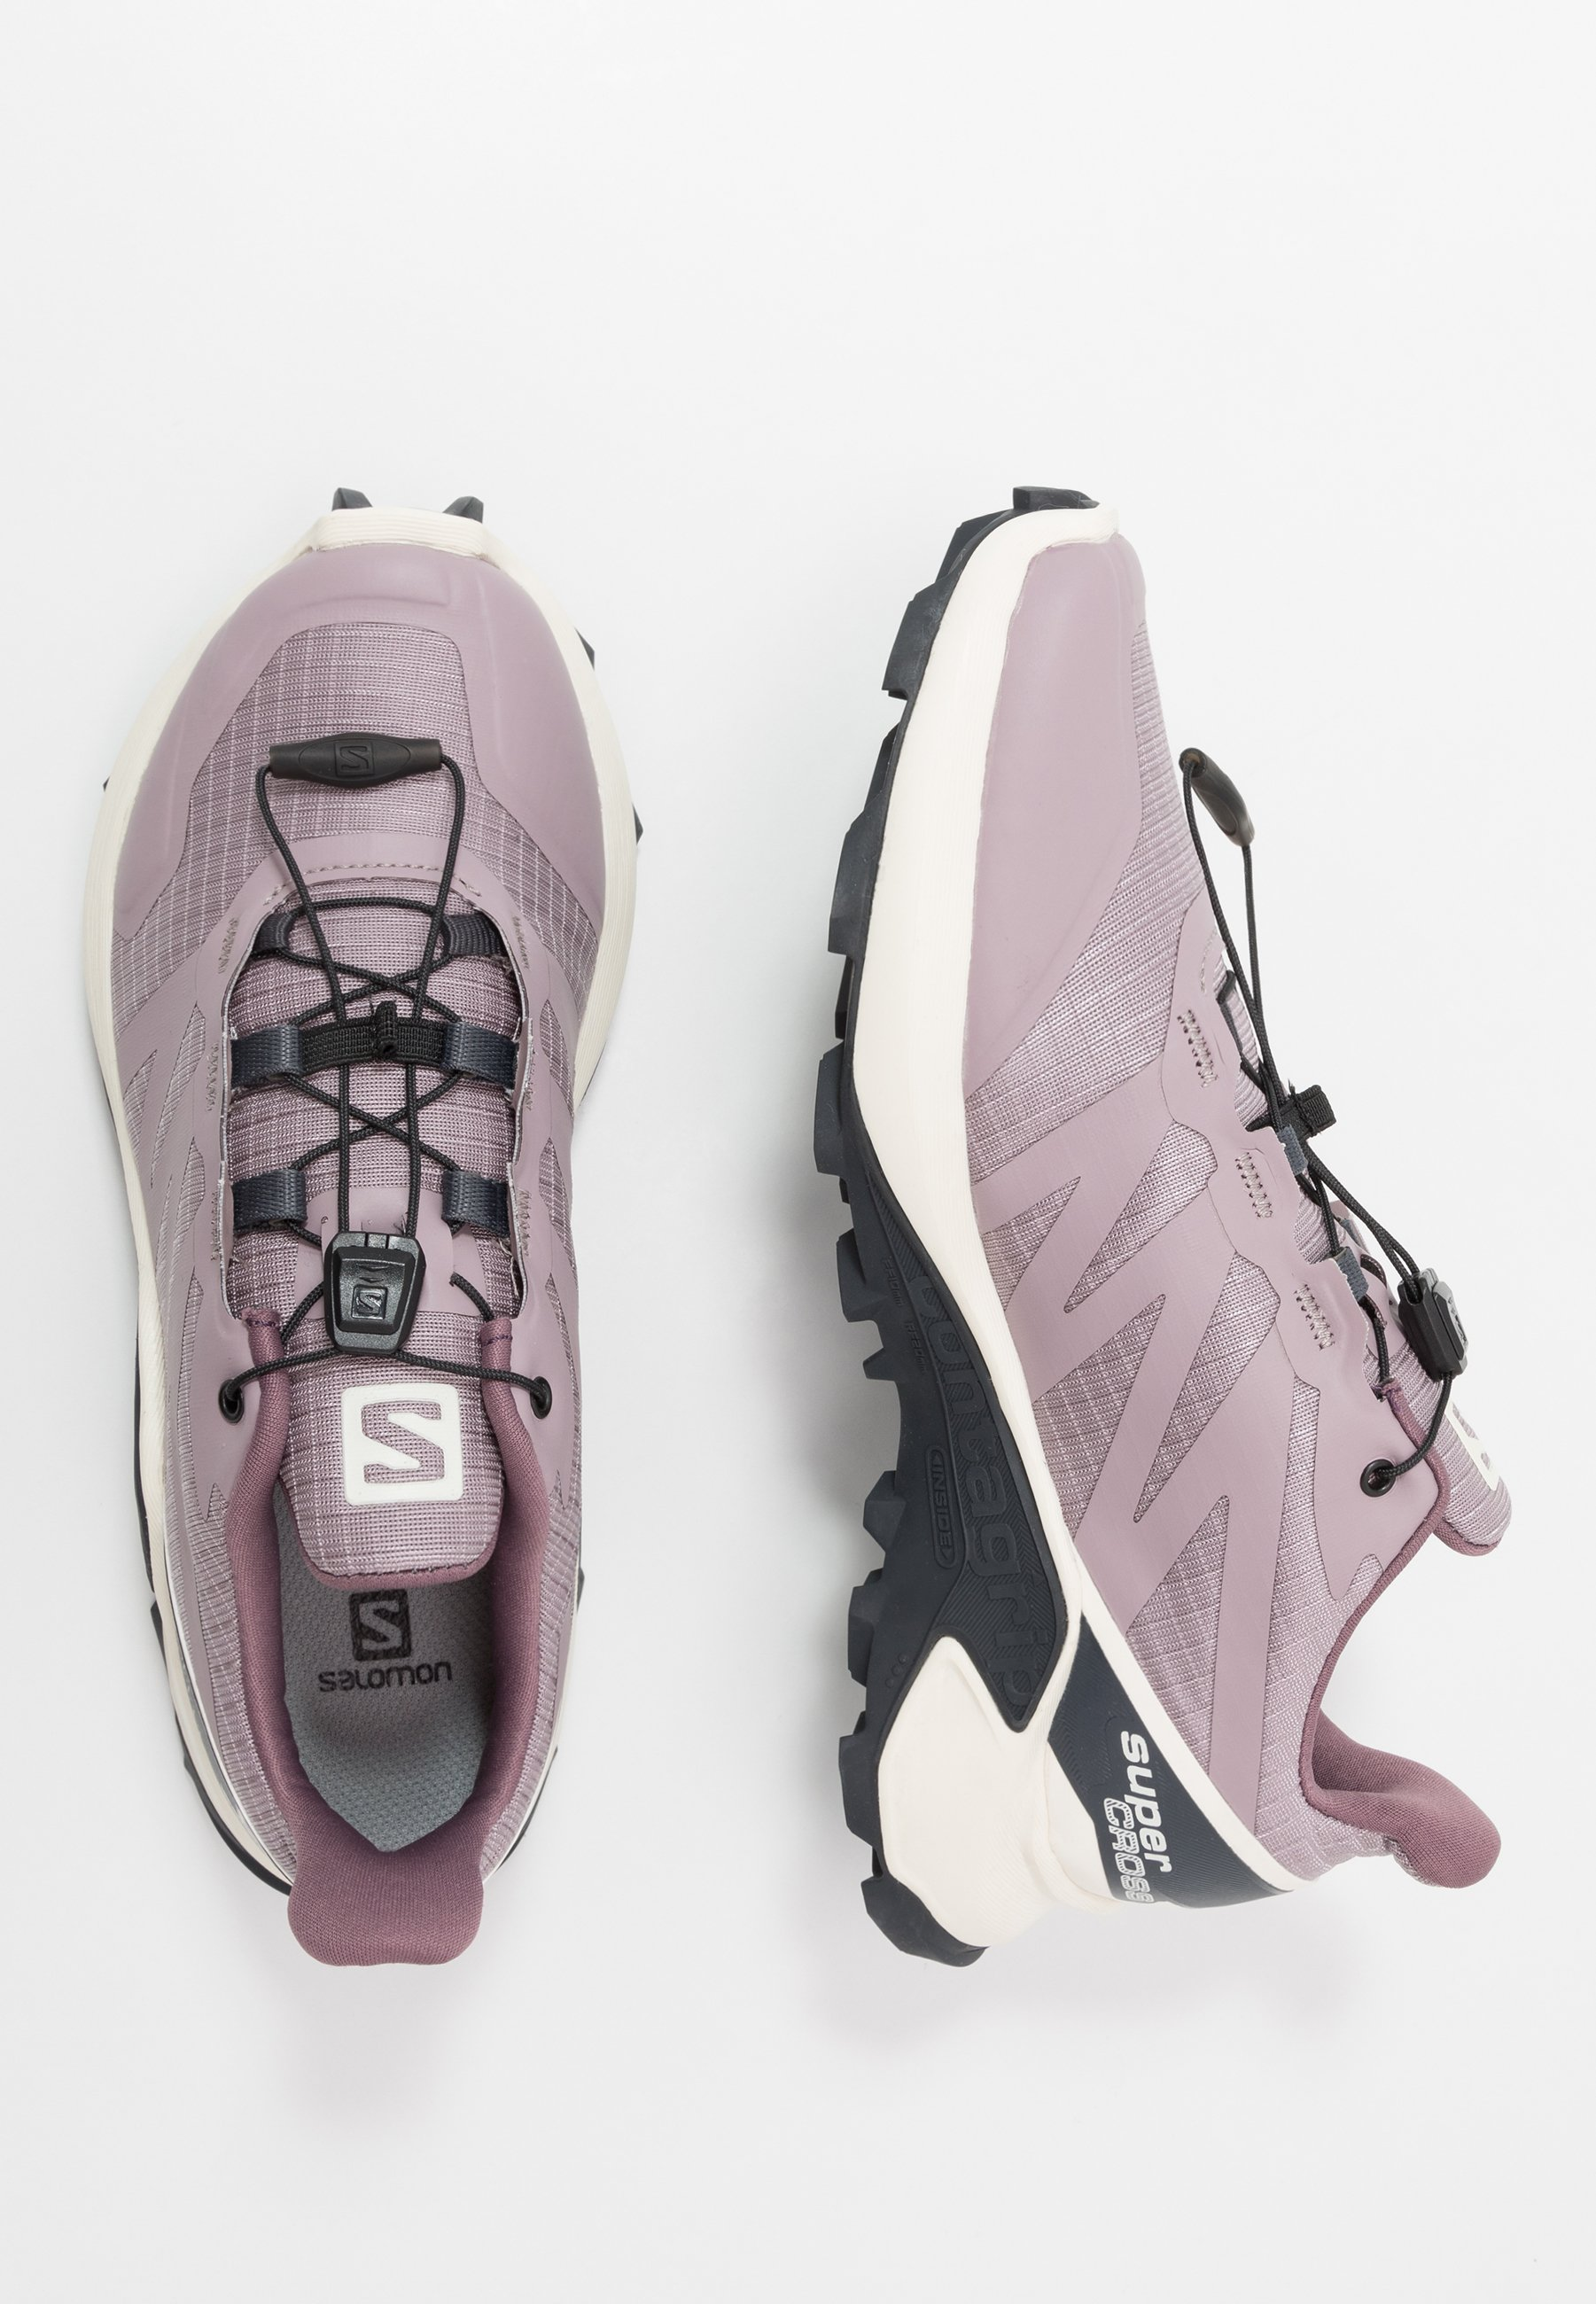 precio zapatillas salomon precios india